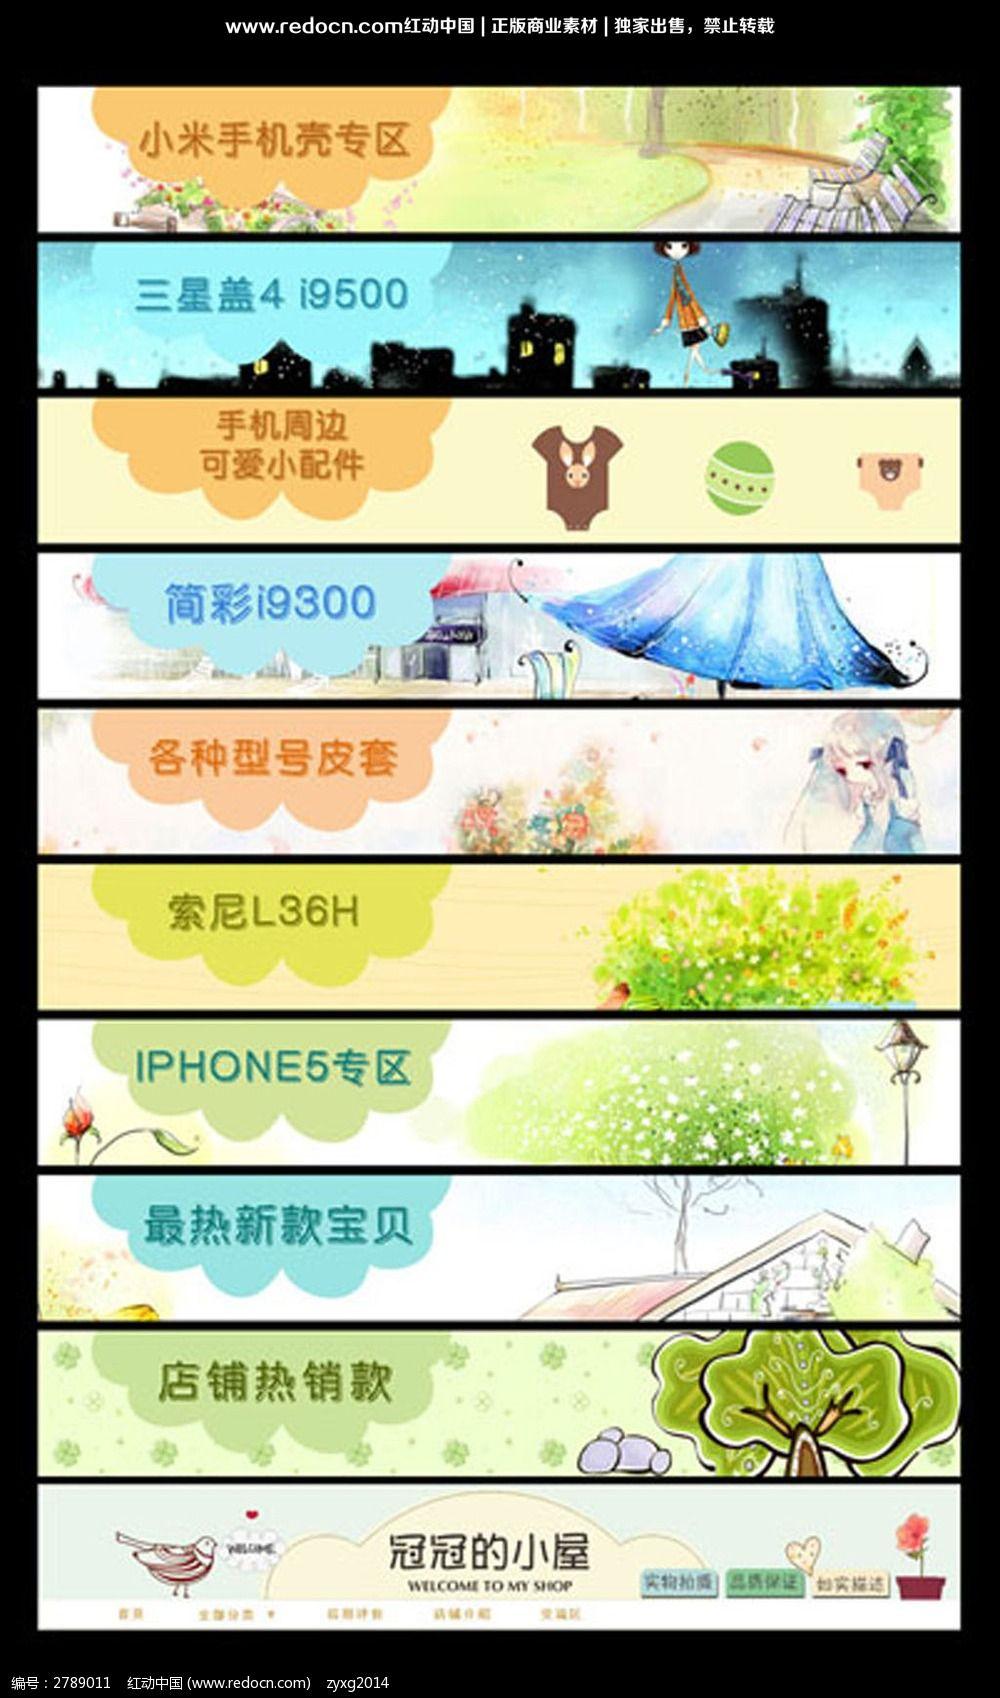 淘宝达人手机端背景图_手机卡通动漫淘宝店铺店招_红动网